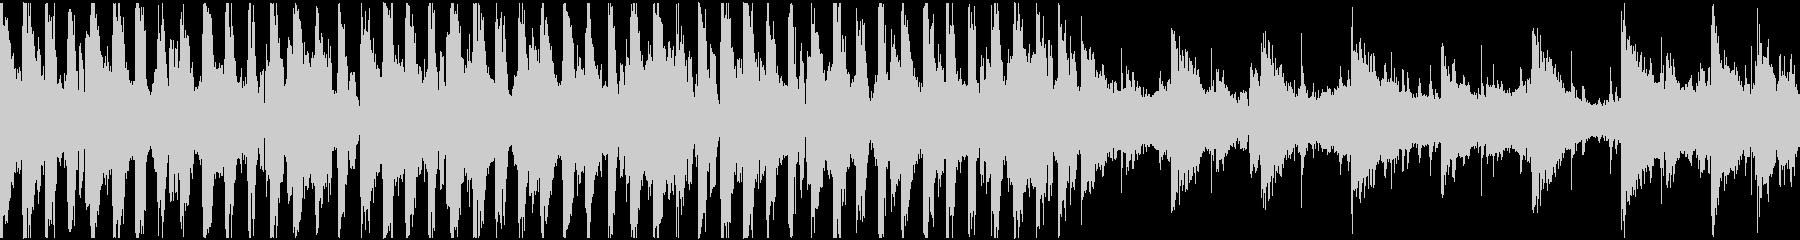 ギターハーモニクス、ロードピアノ、...の未再生の波形